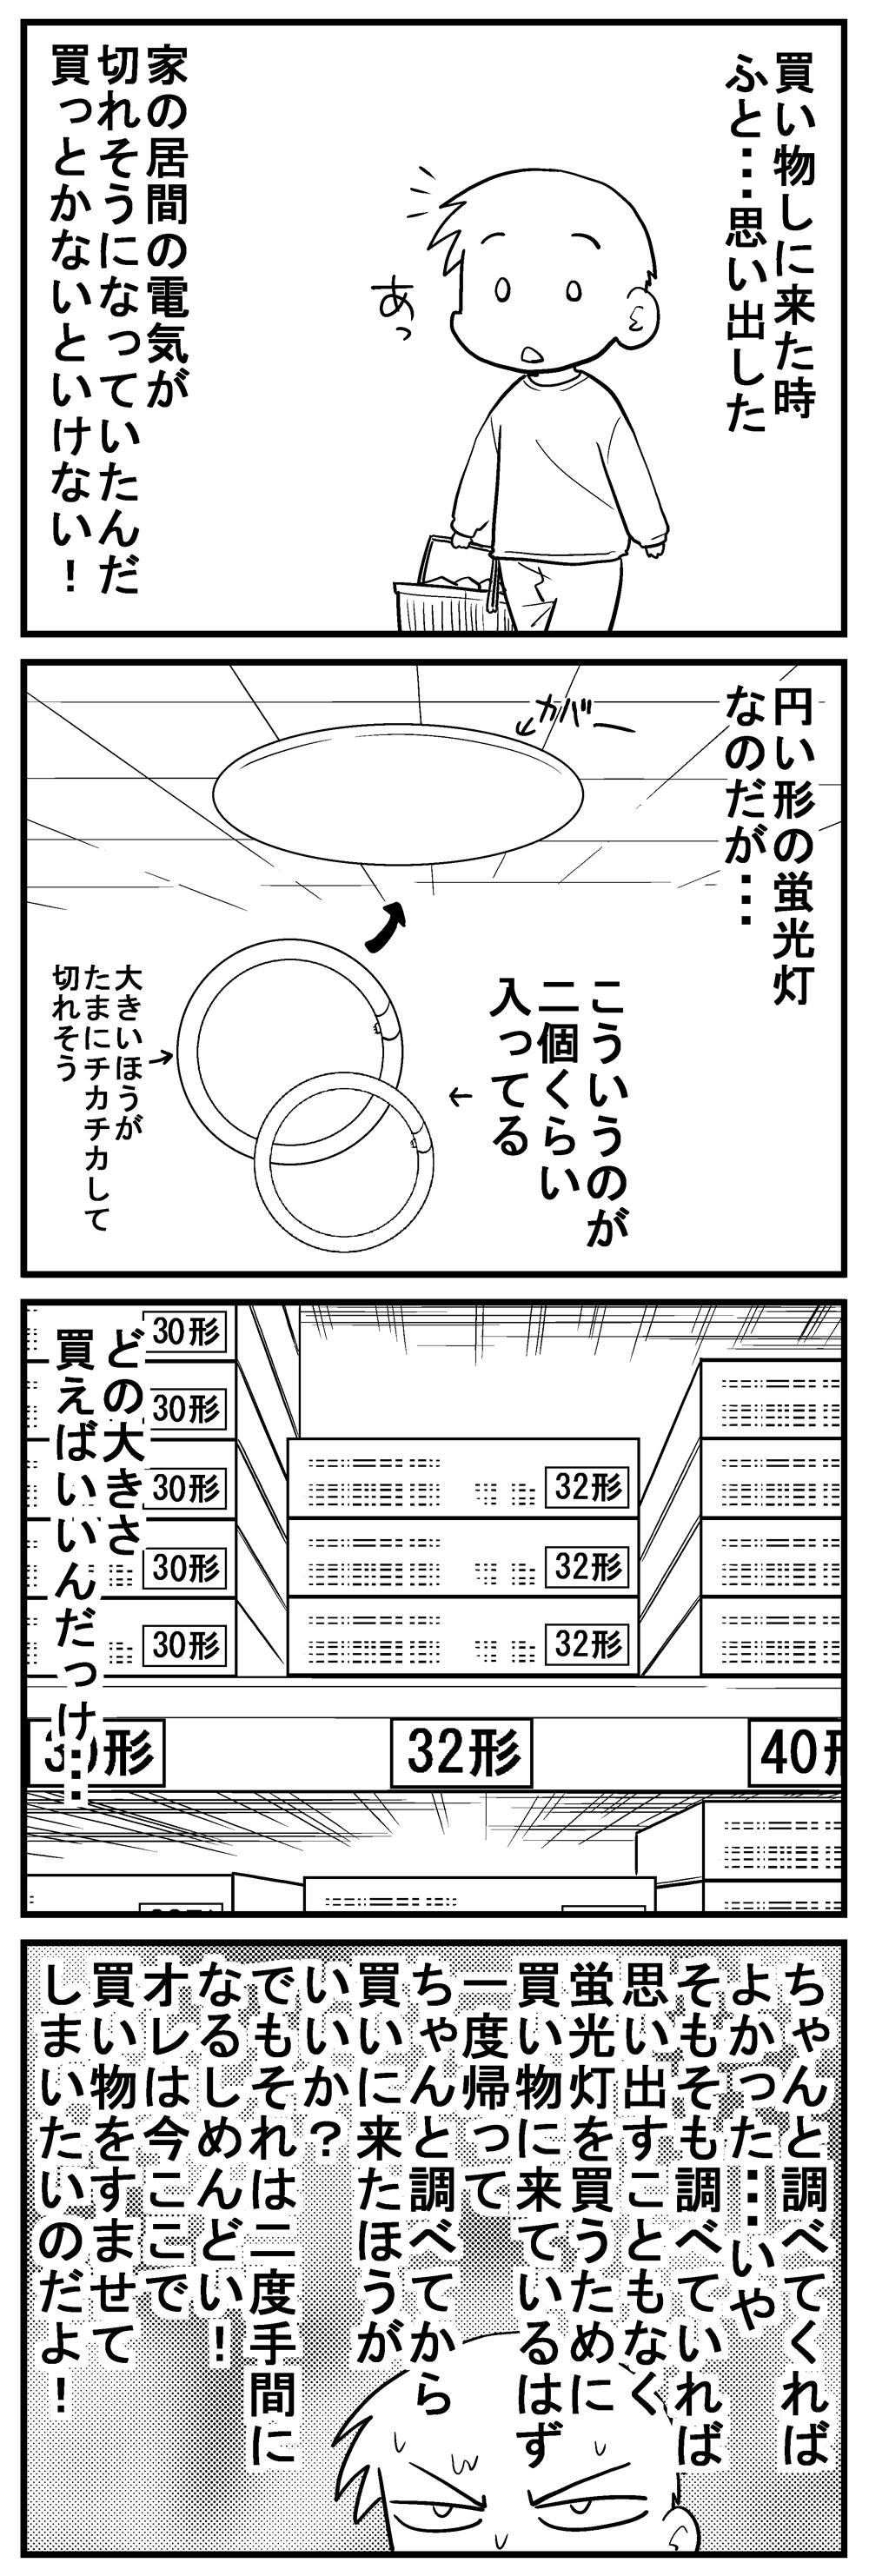 深読みくん107-1